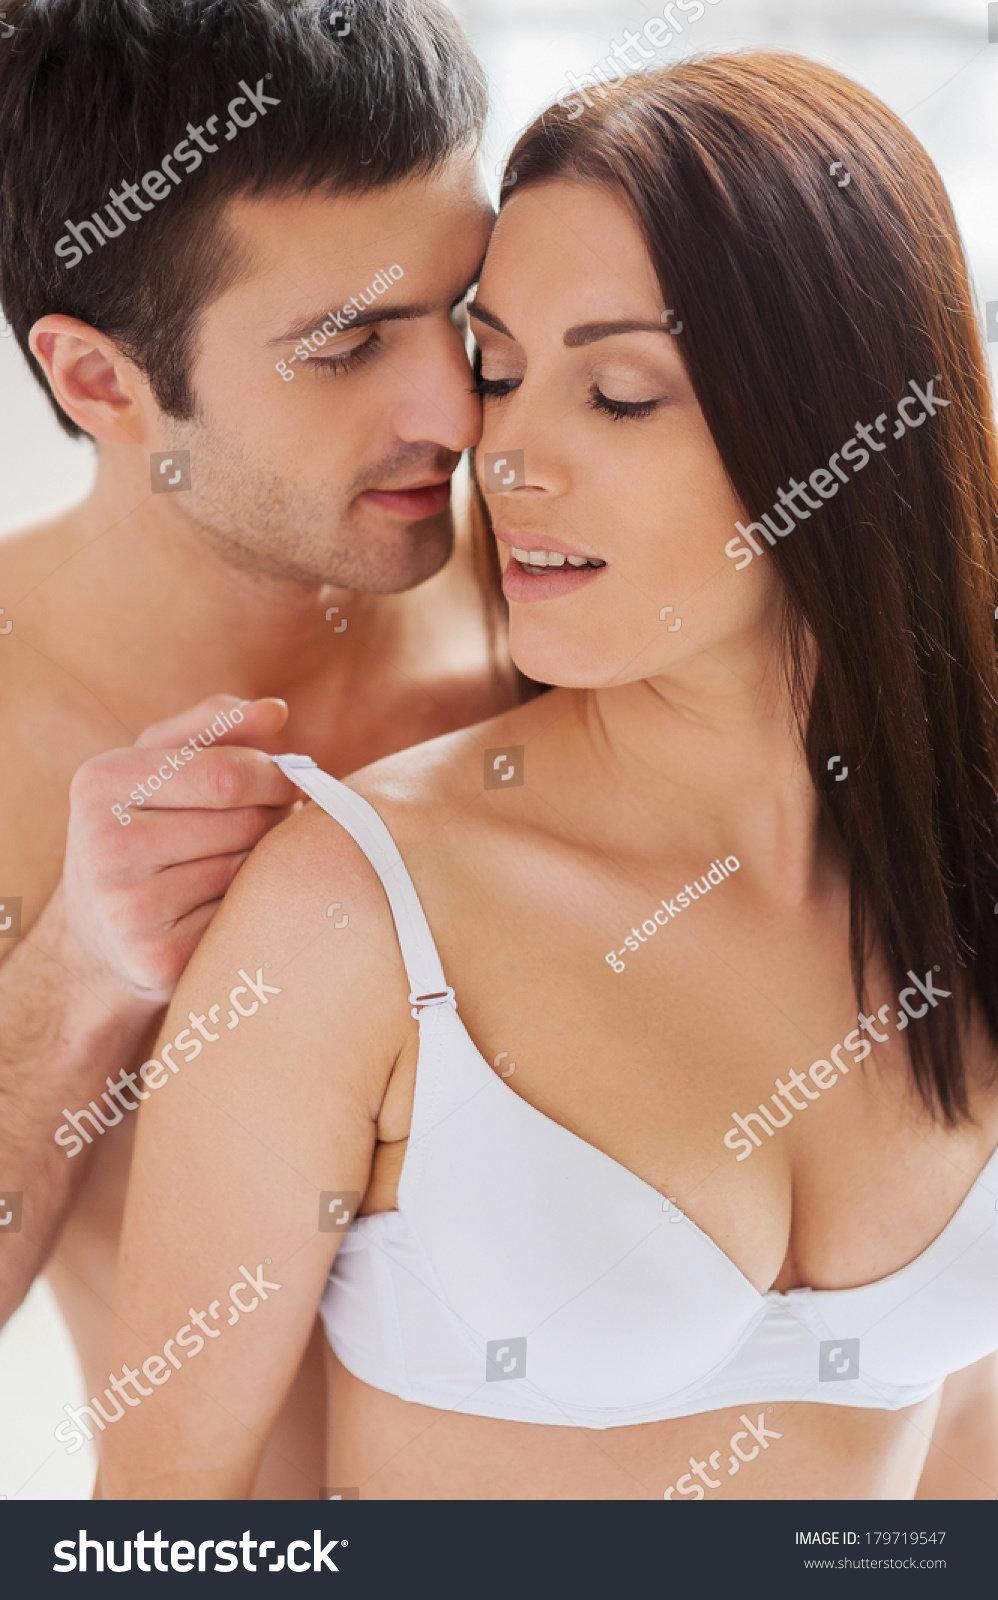 нём, лицом девушка снимает лифчик потом приходит ее парень медленно